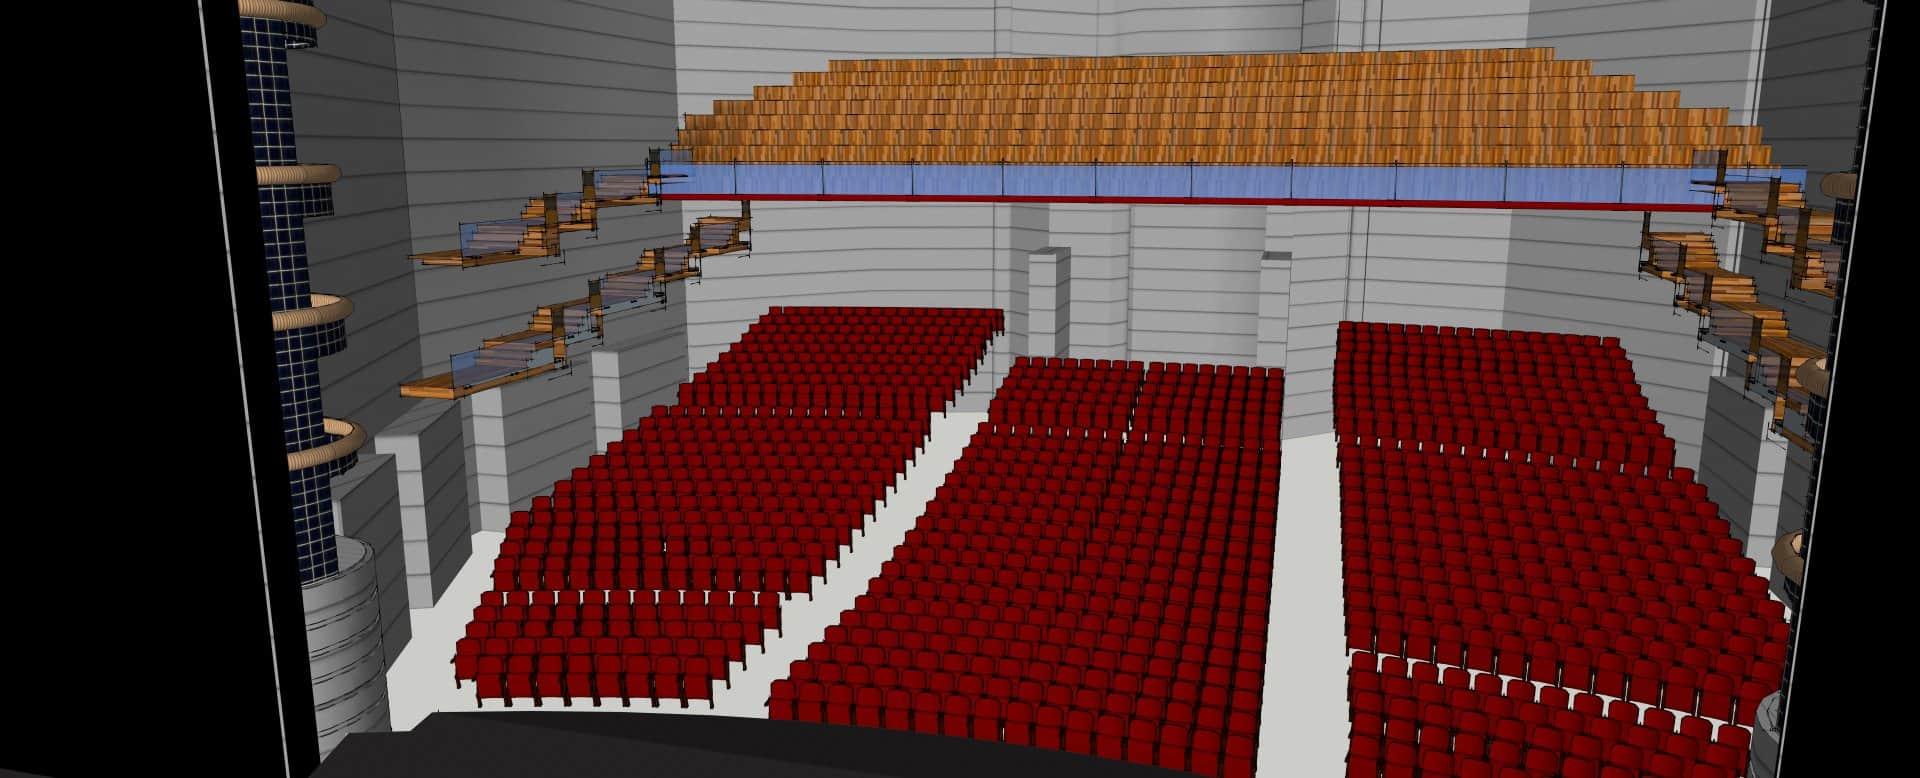 progettazione-eventi-service-per-concerti-audizioni-spettacoli-grossi-eventi (3)